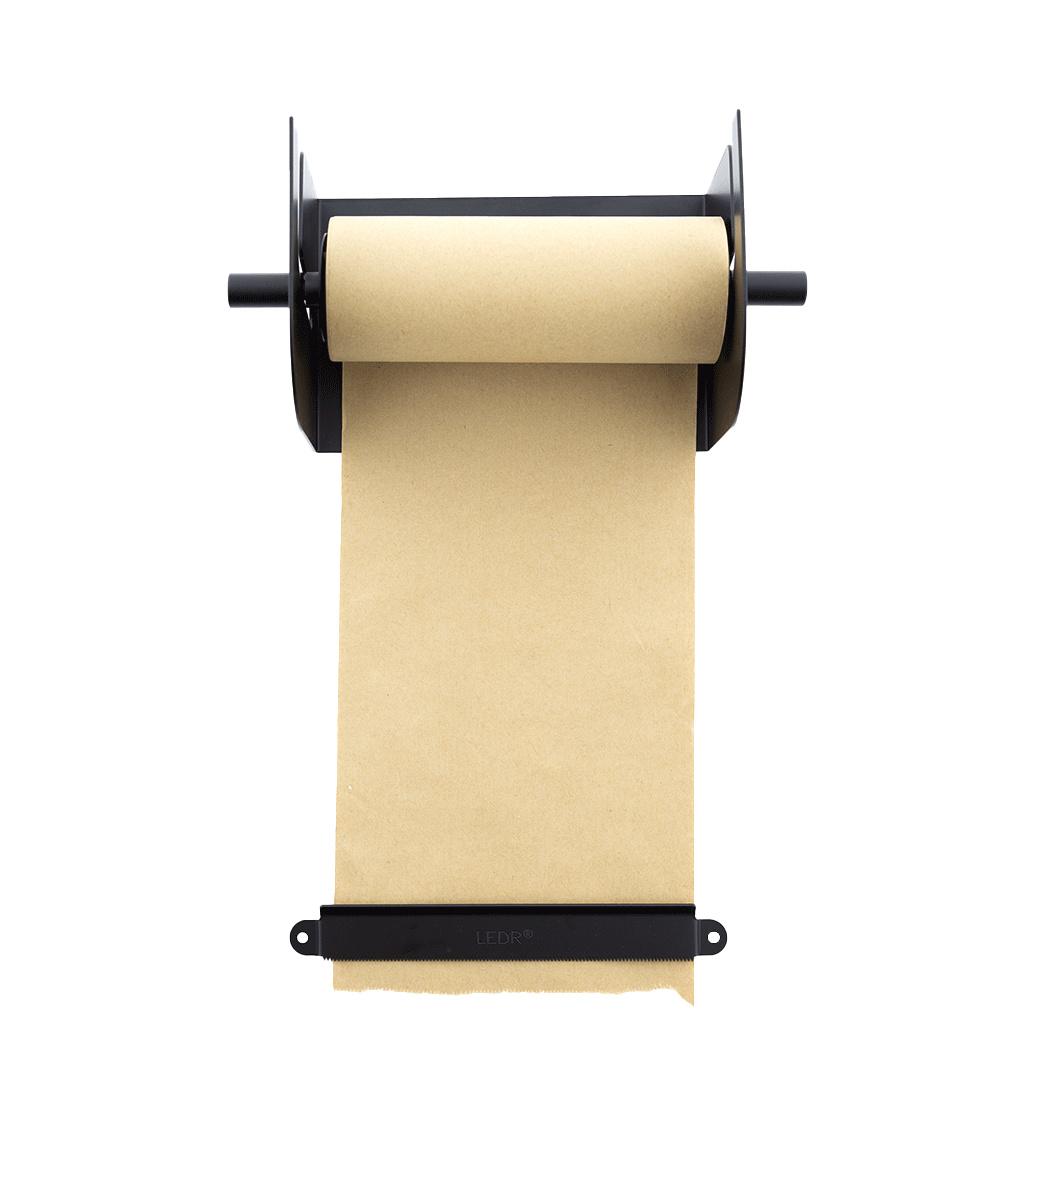 Kraftpapier Roller M - Schwarz-8